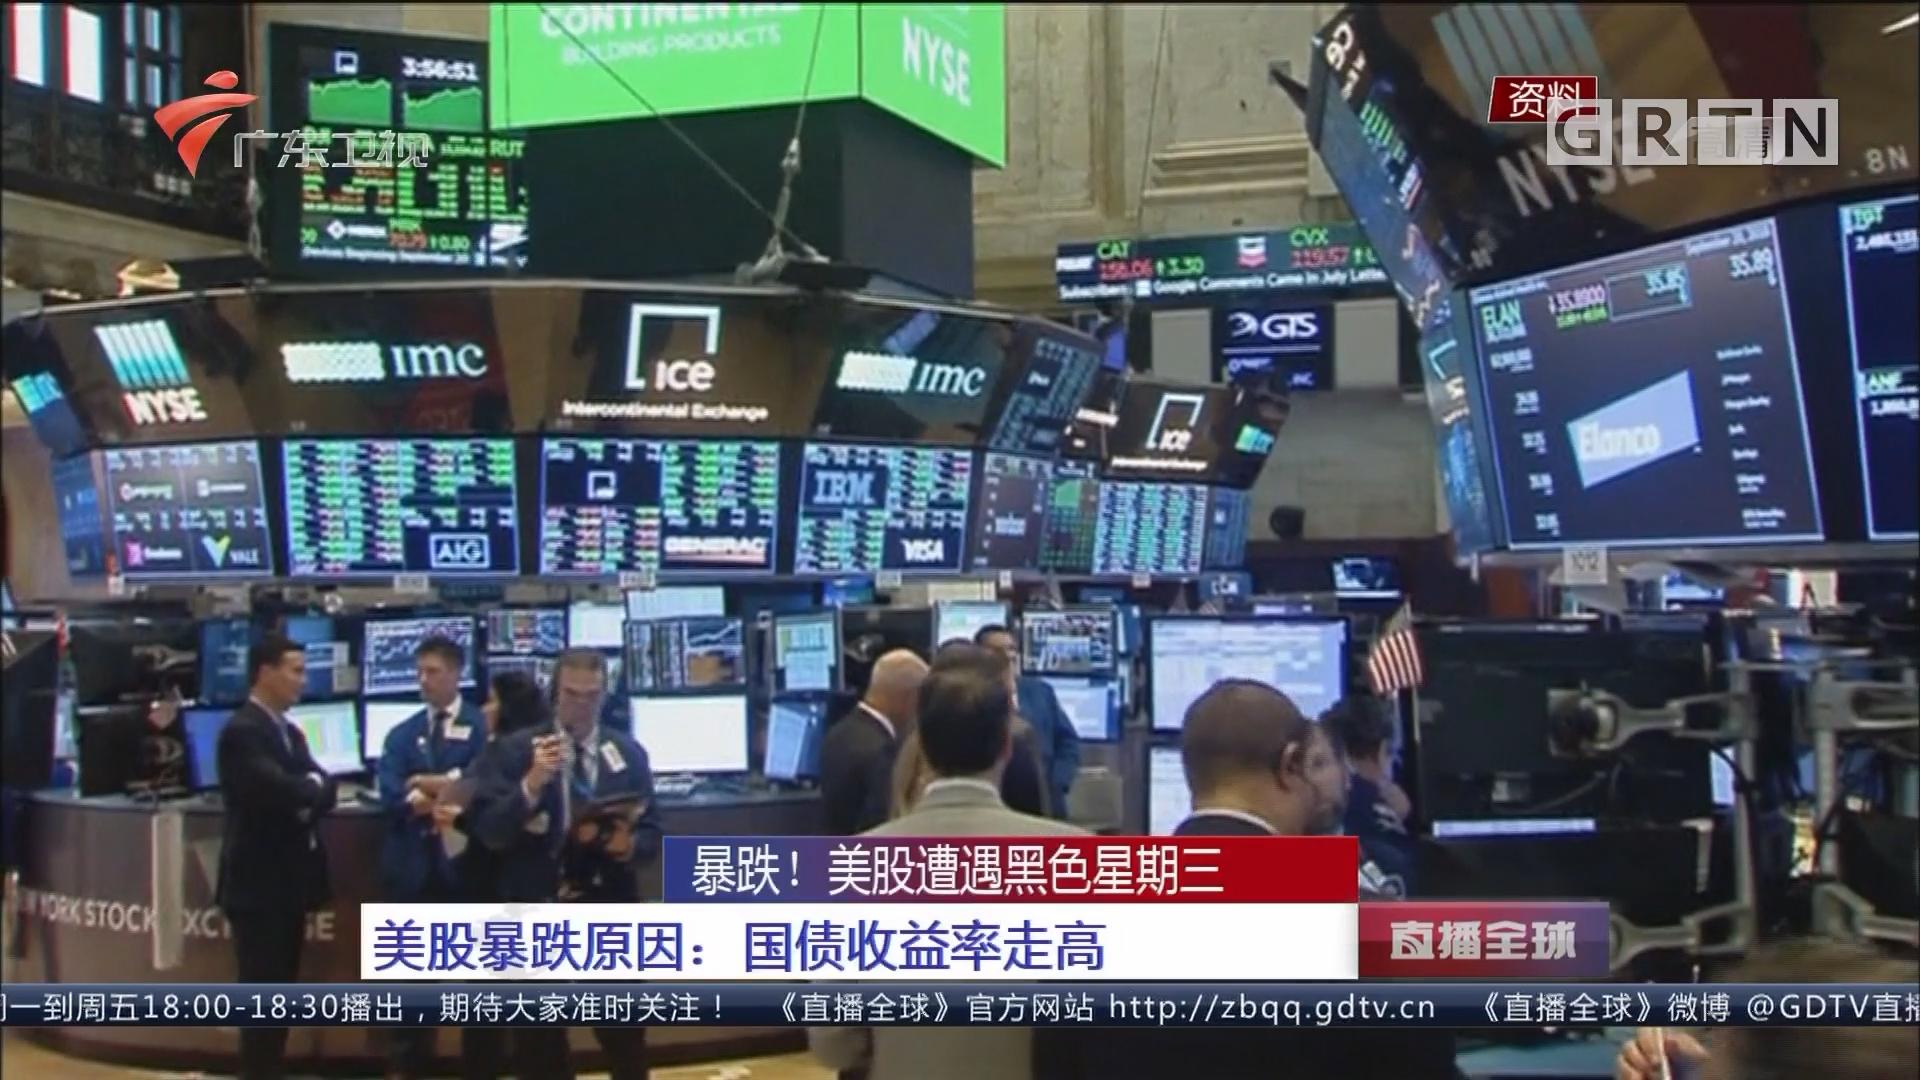 暴跌!美股遭遇黑色星期三 美股暴跌原因:国债收益率走高